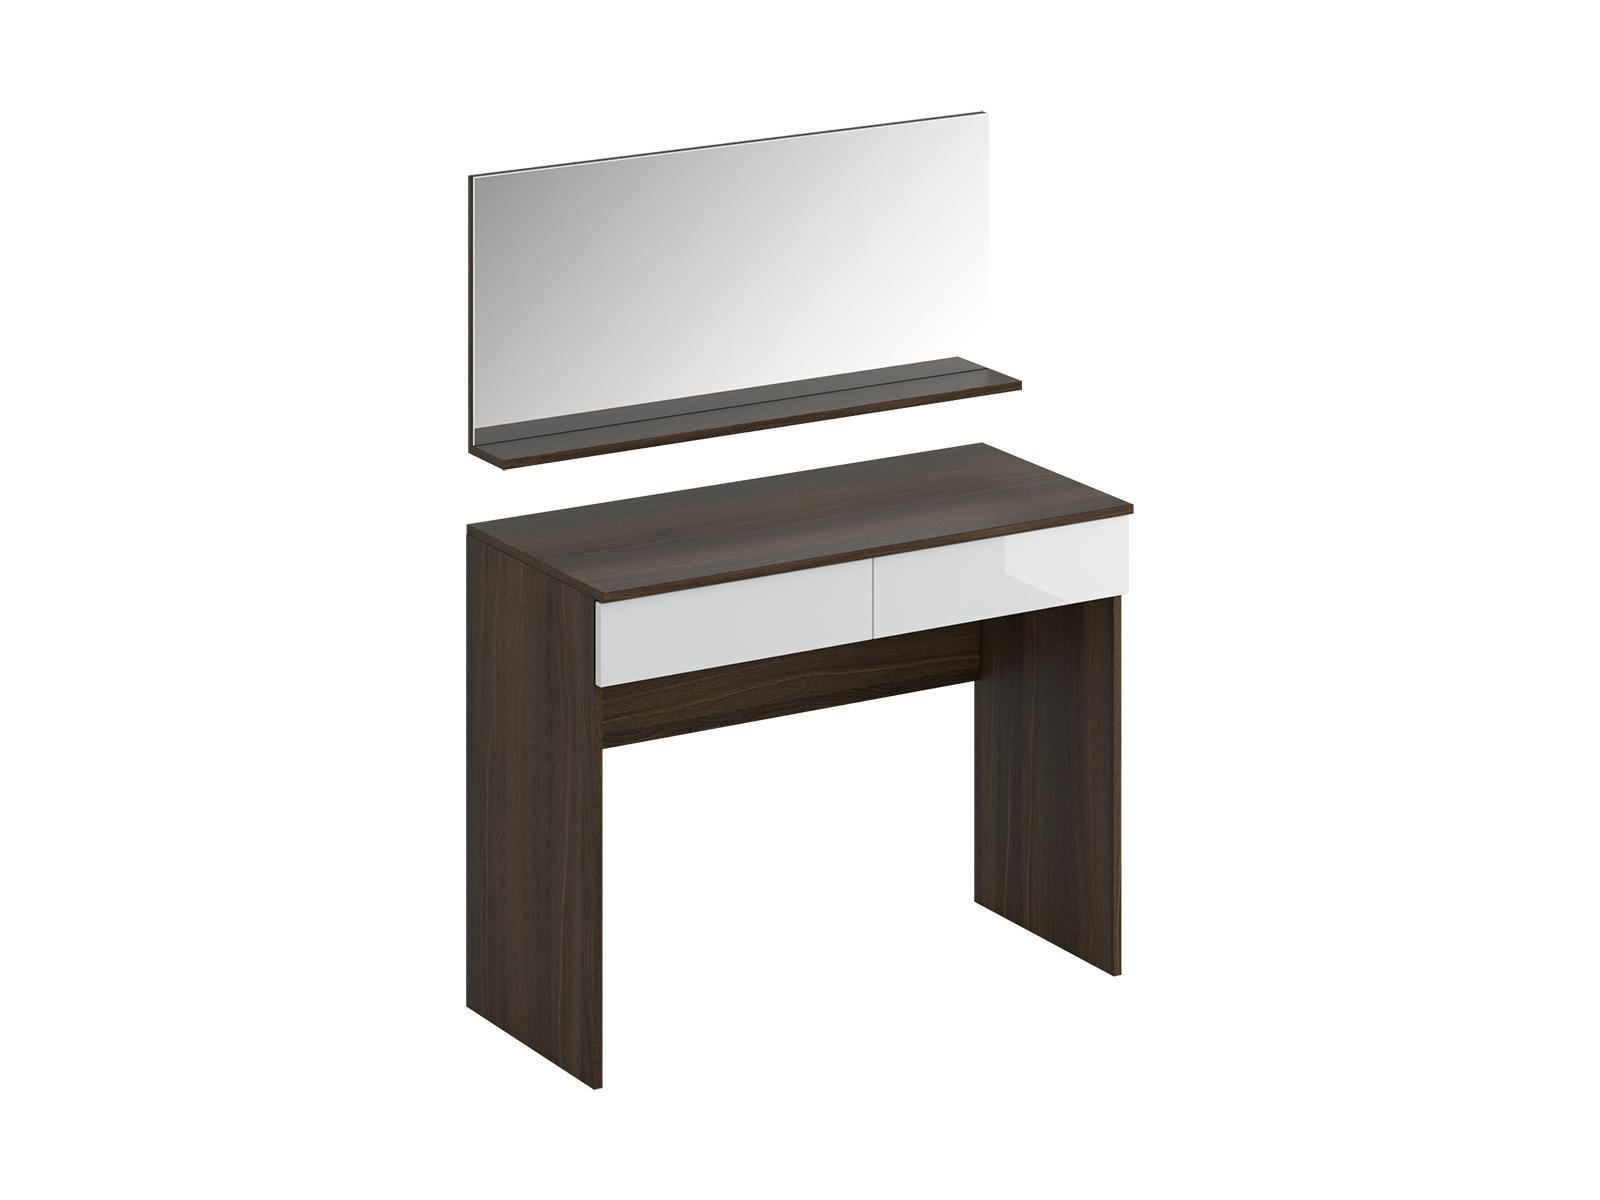 Туалетный столик с зеркалом UnoТуалетные столики<br>Туалетный столик с двумя выдвижными ящиками и зеркалом<br>